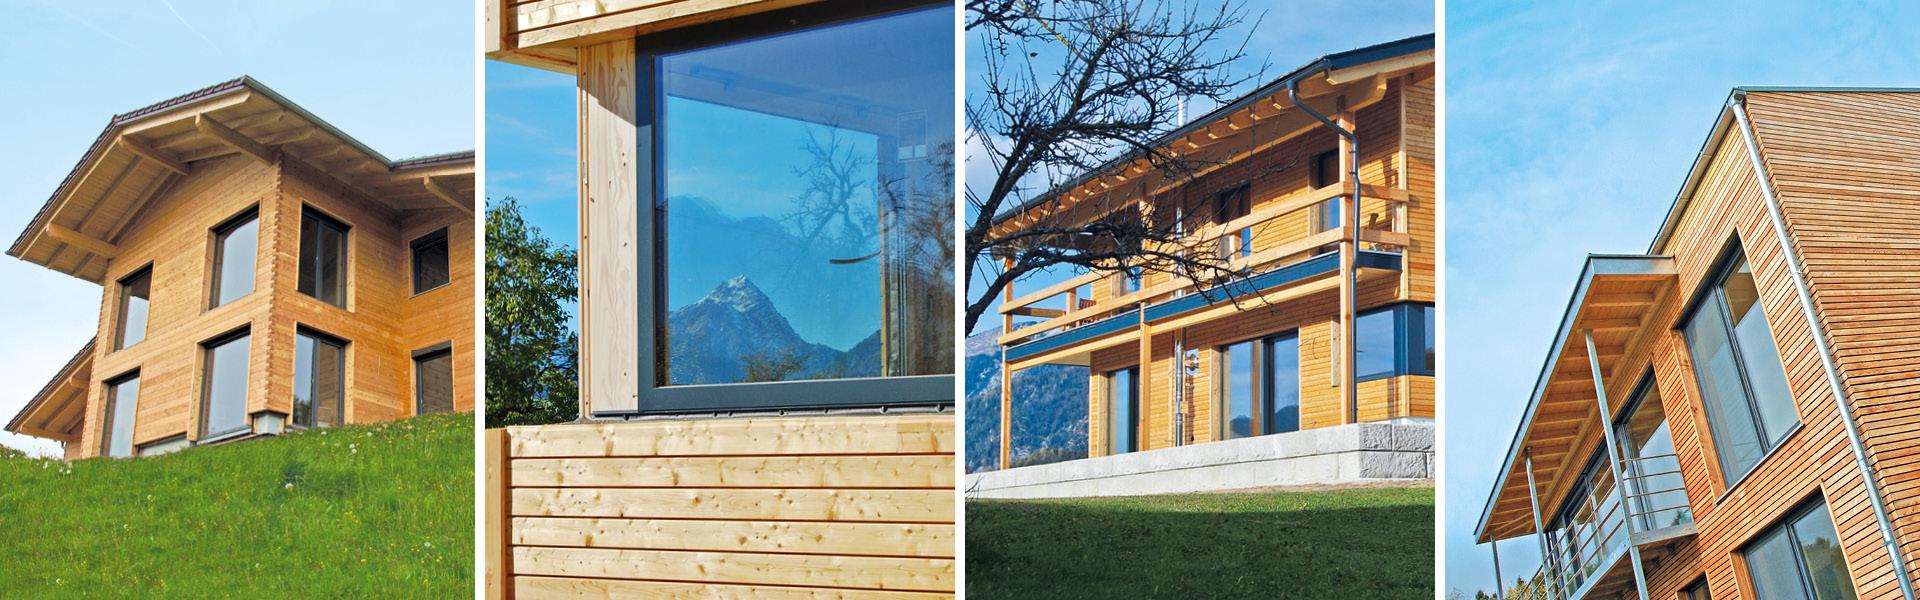 Baustellenfotos von Brunthaler Massivholzhäusern